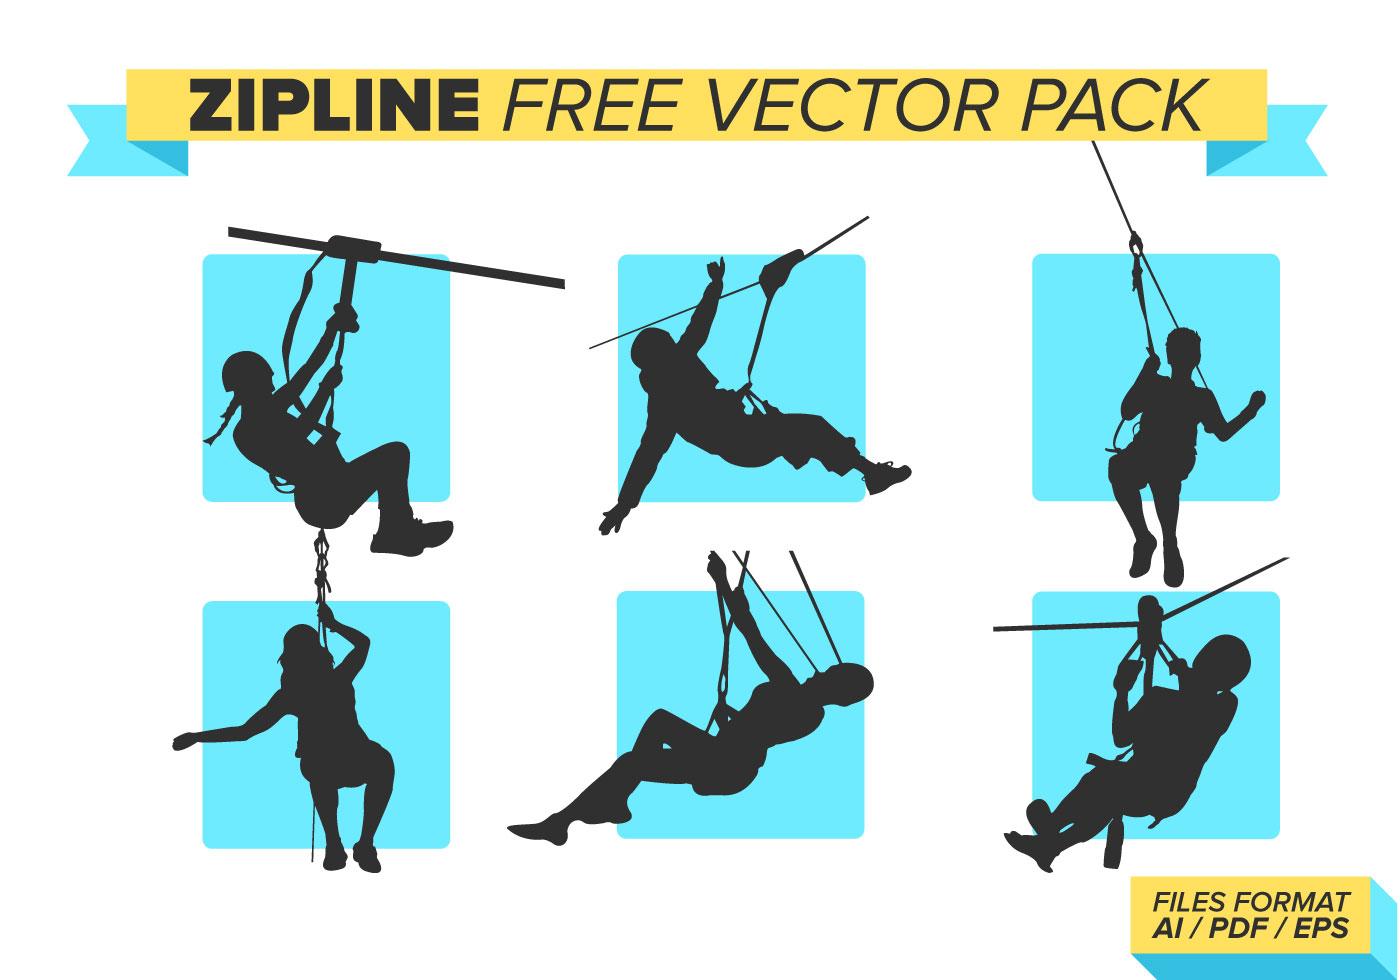 Zipline Free Vector Pack Download Free Vector Art Stock